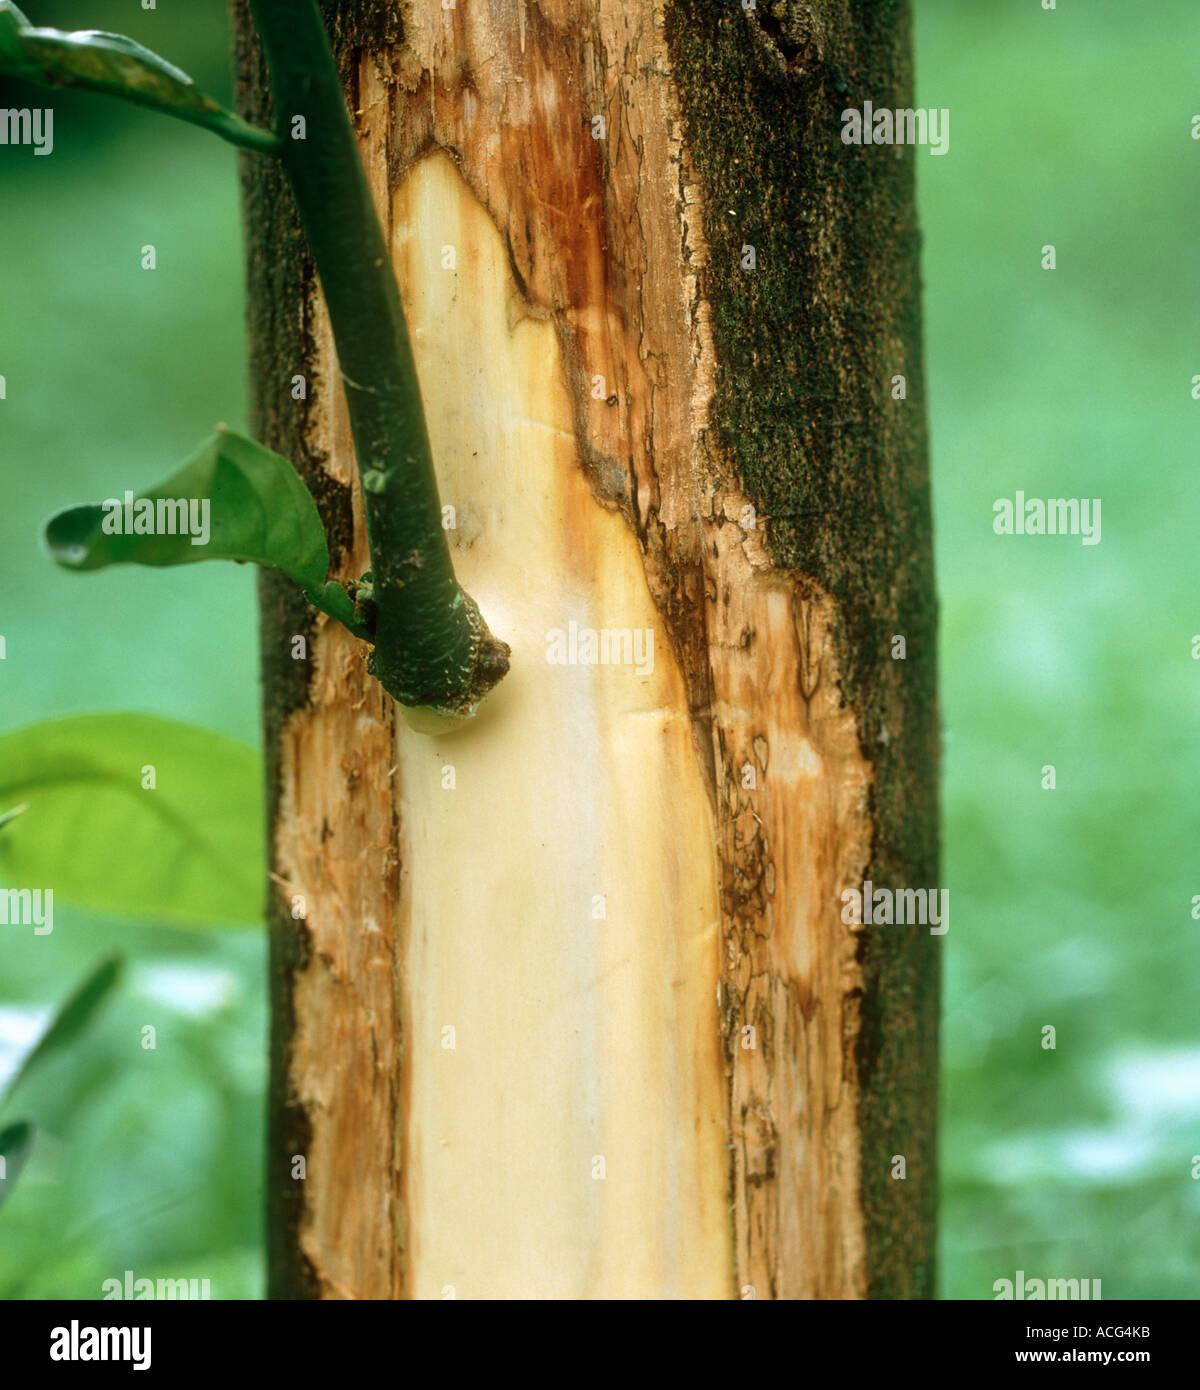 Phoma tracheiphila mal secco tissus vasculaires malades exposés sur tronc de citron Photo Stock